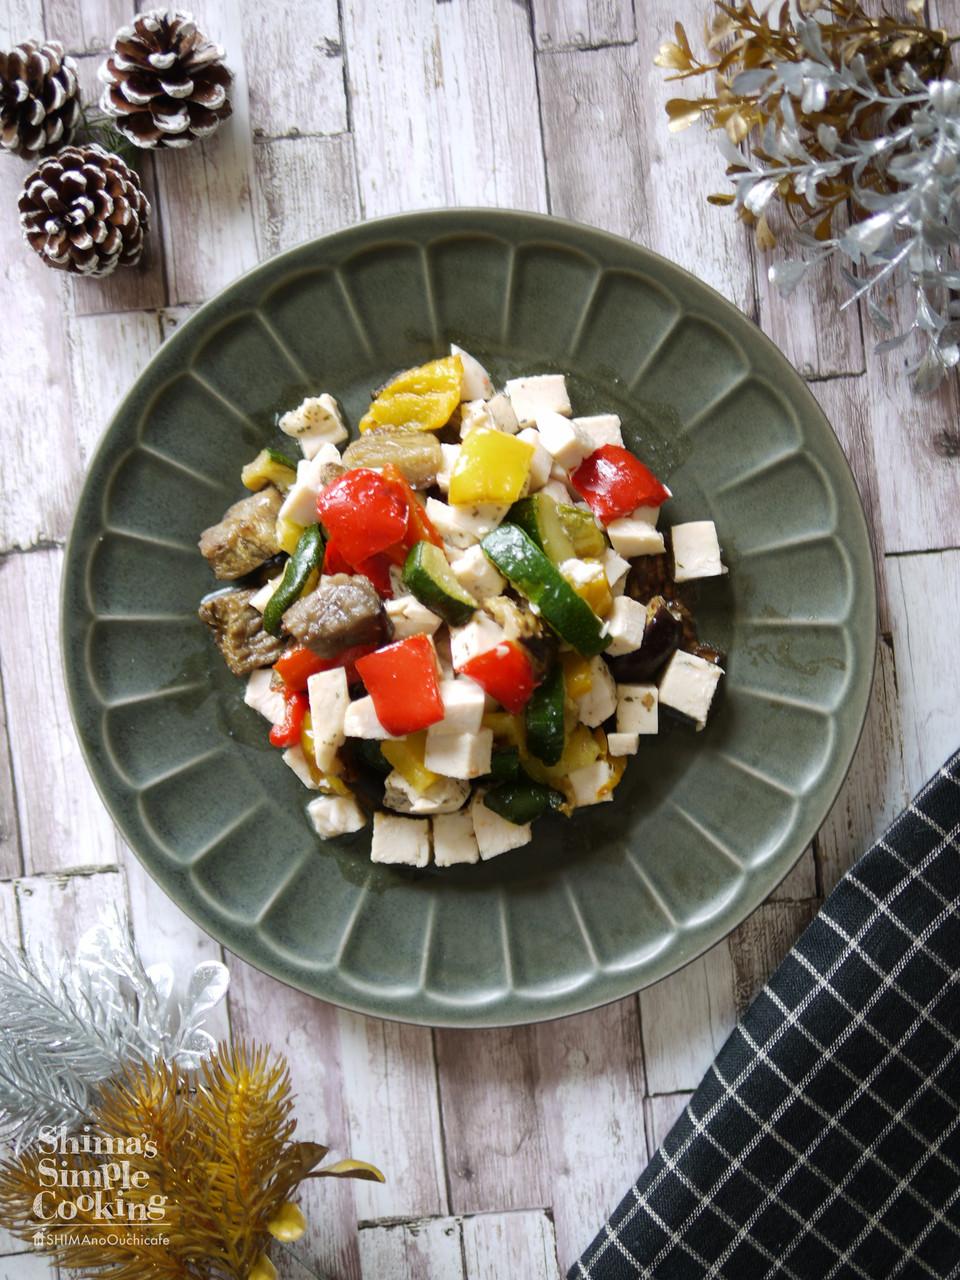 サラダ レシピ コンビニ チキン